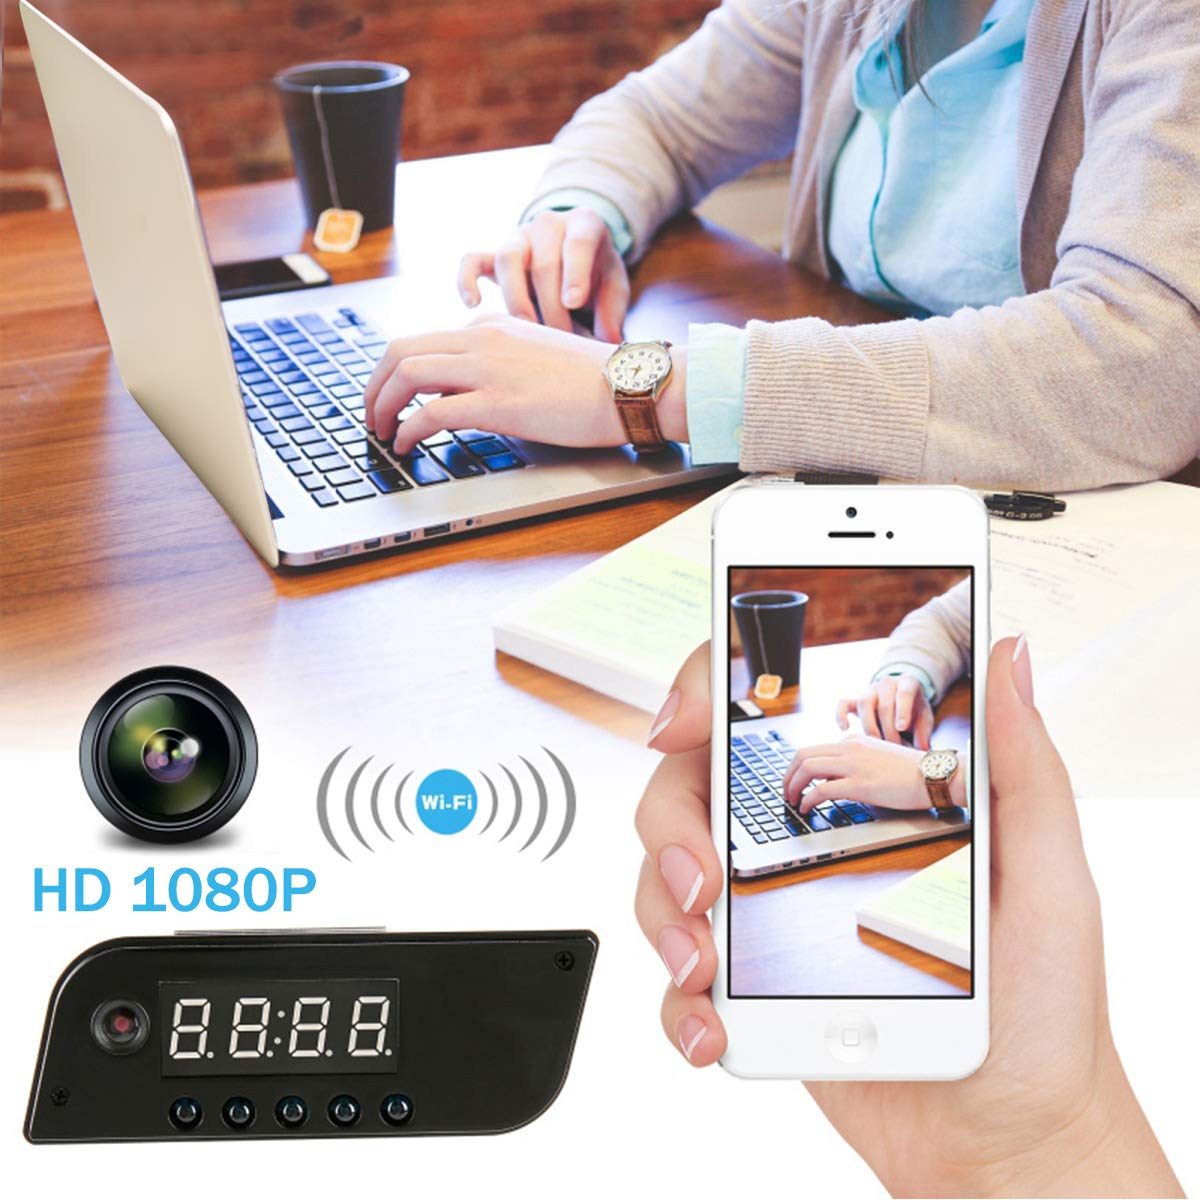 Camara Espia A-TION WiFi Despertador HD 1080P Cámara de Niñera P2P Inalámbrica Cámara de Seguridad Detección de Movimiento Grabador de Video Vigilancia ...